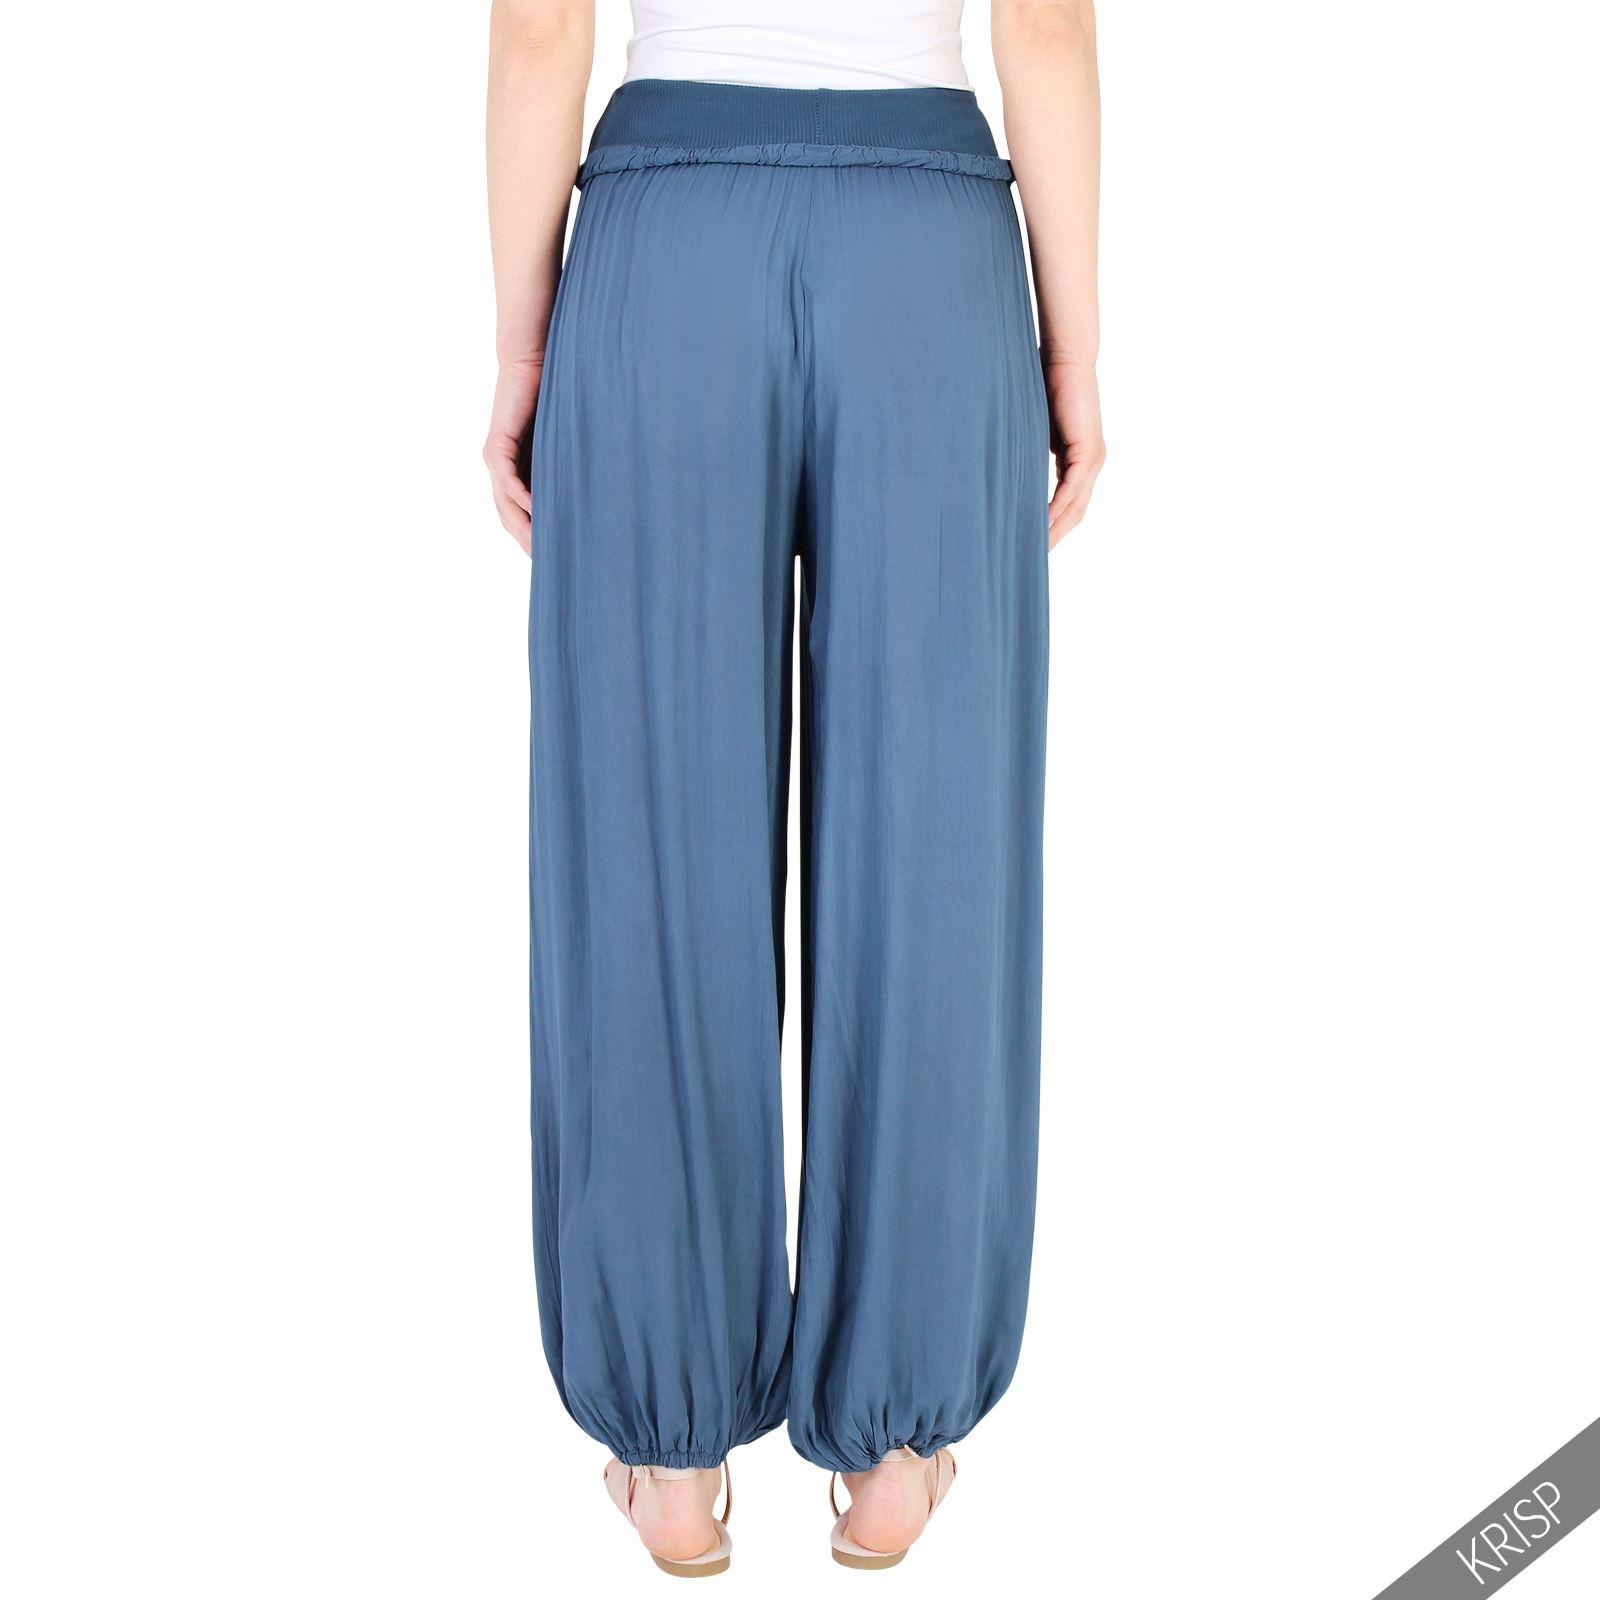 Creative 22 Awesome Mc Hammer Pants For Women U2013 Playzoa.com